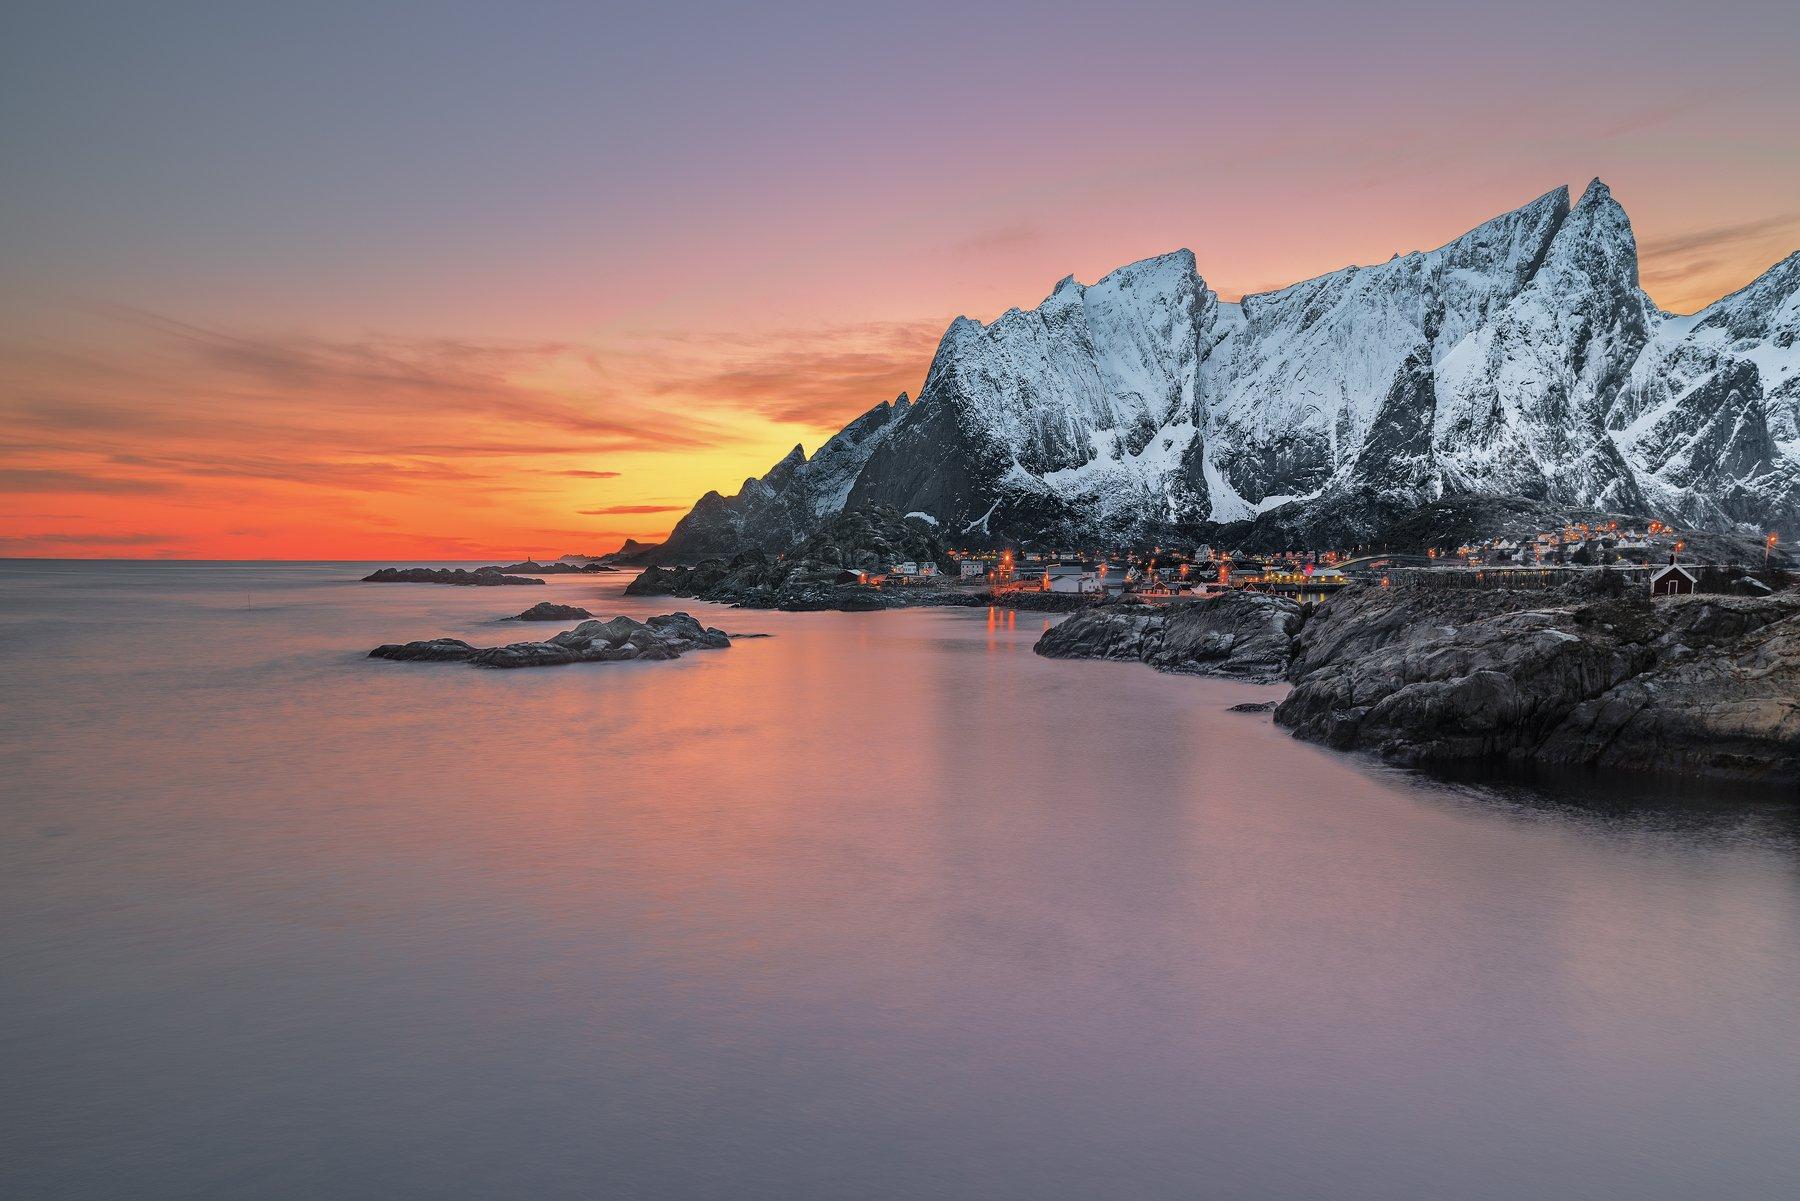 norway,mountains,lofoten,sunset,zeiss milvus 21mm,long exposure,, Felix Ostapenko